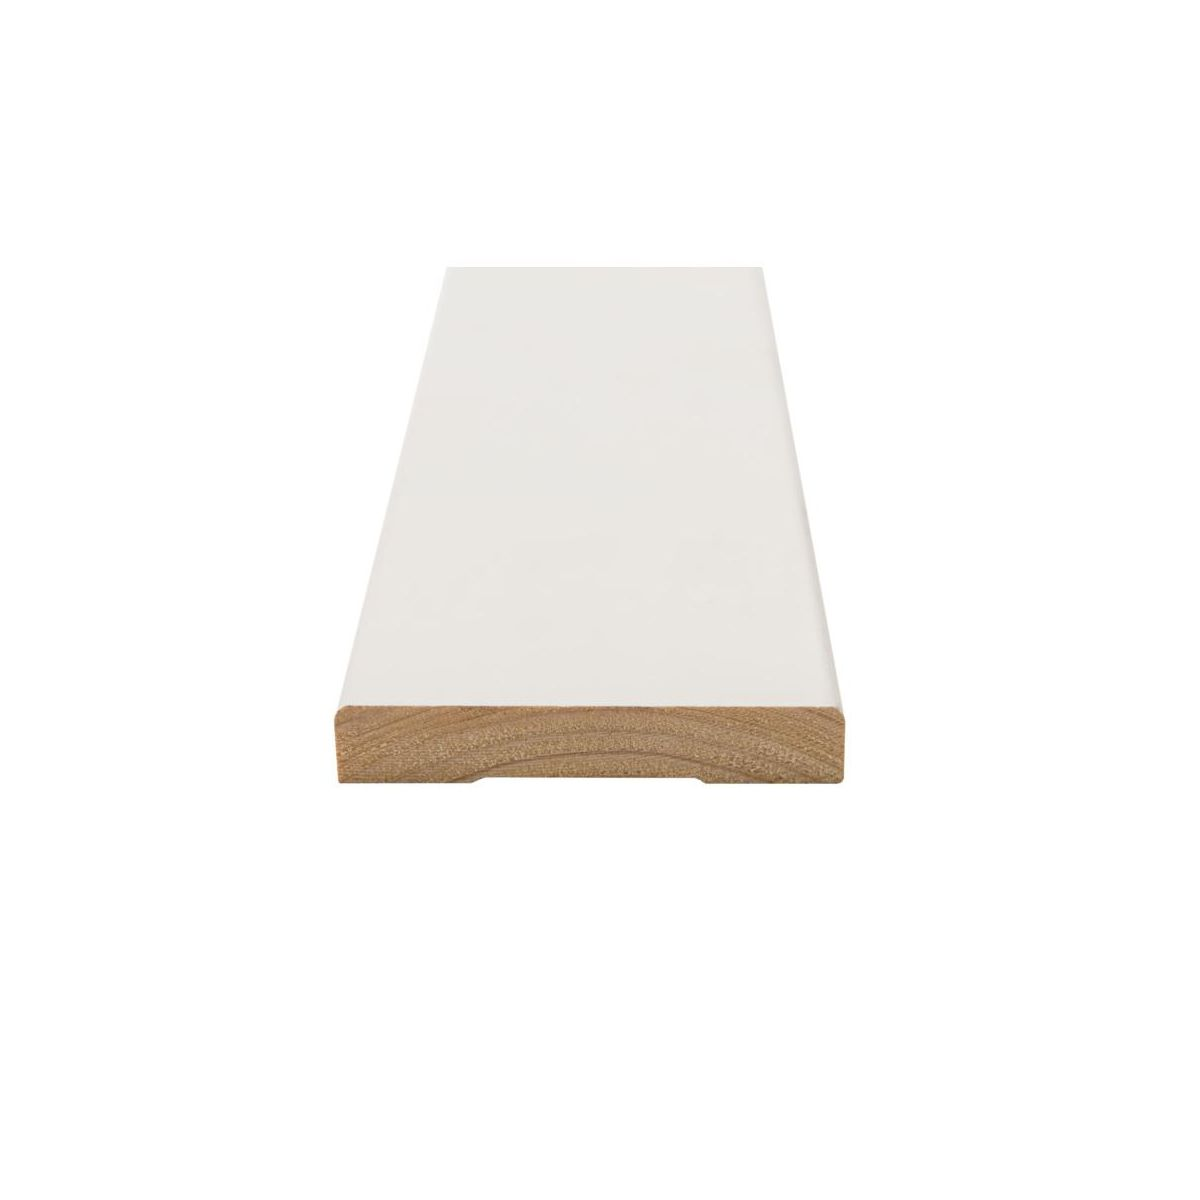 Listwa Maskujaca 9 X 56 X 2400 Mm Biala Detalia Drewniane Listwy Profilowane W Atrakcyjnej Cenie W Sklepach Leroy Merlin